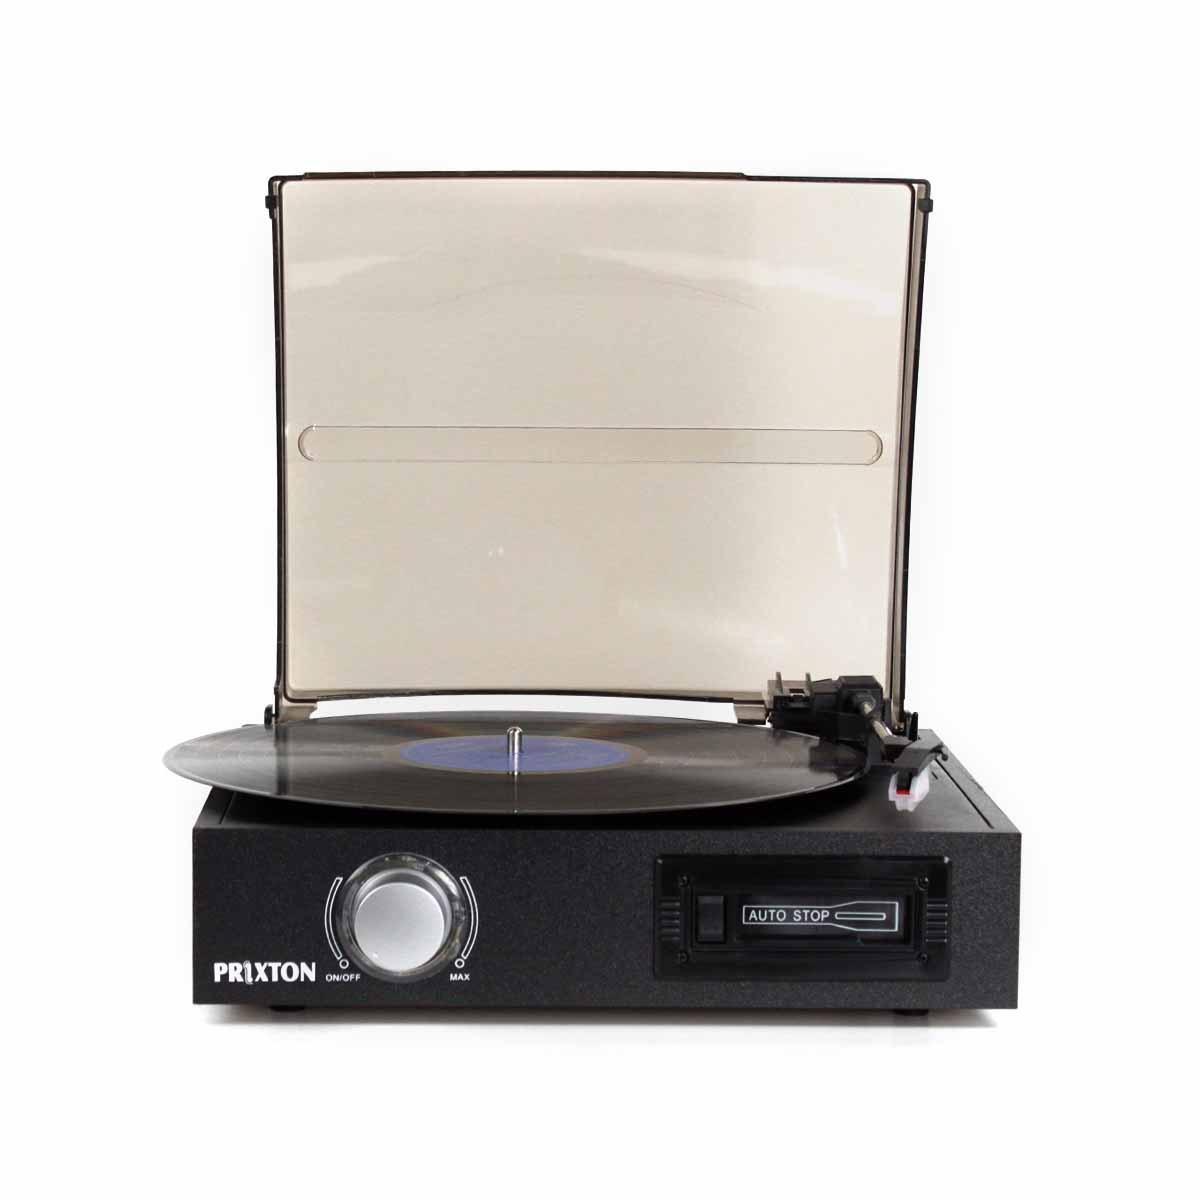 Prinxton Tocadiscos 3 vel. + Lector Cassete + Convertidor MP3